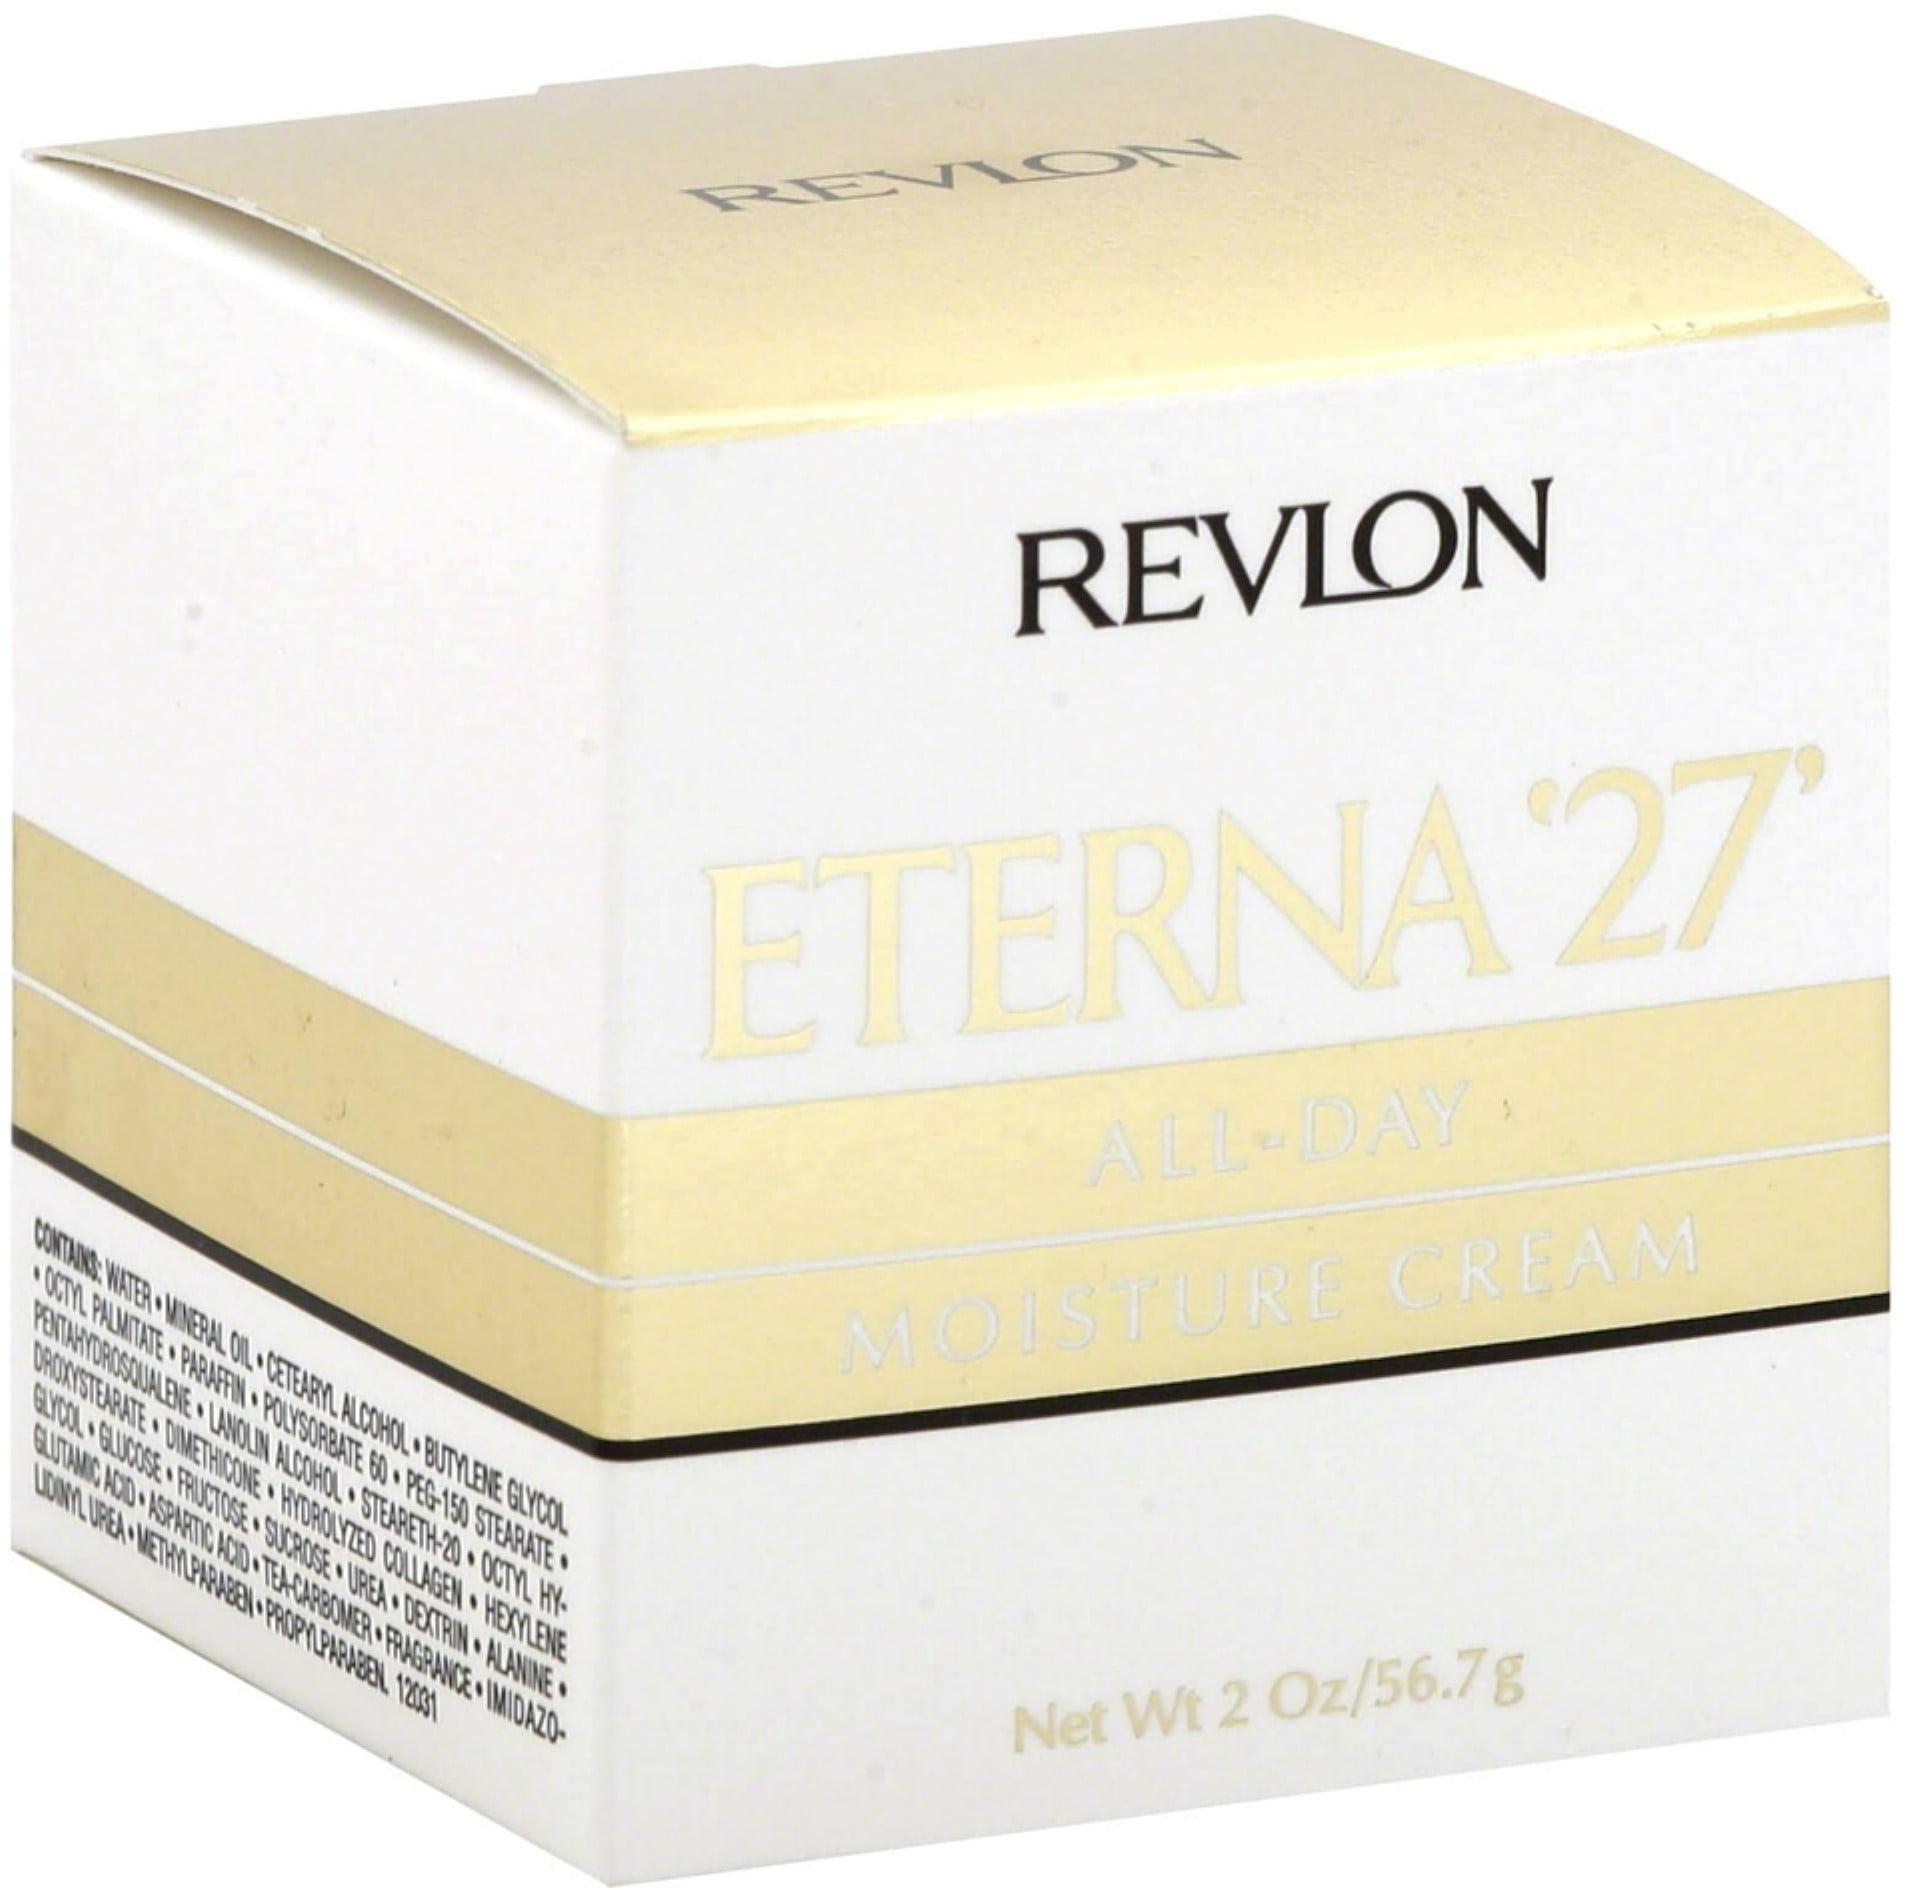 Revlon Eterna '27' All-Day Moisture Cream 2 oz (Pack of 6)